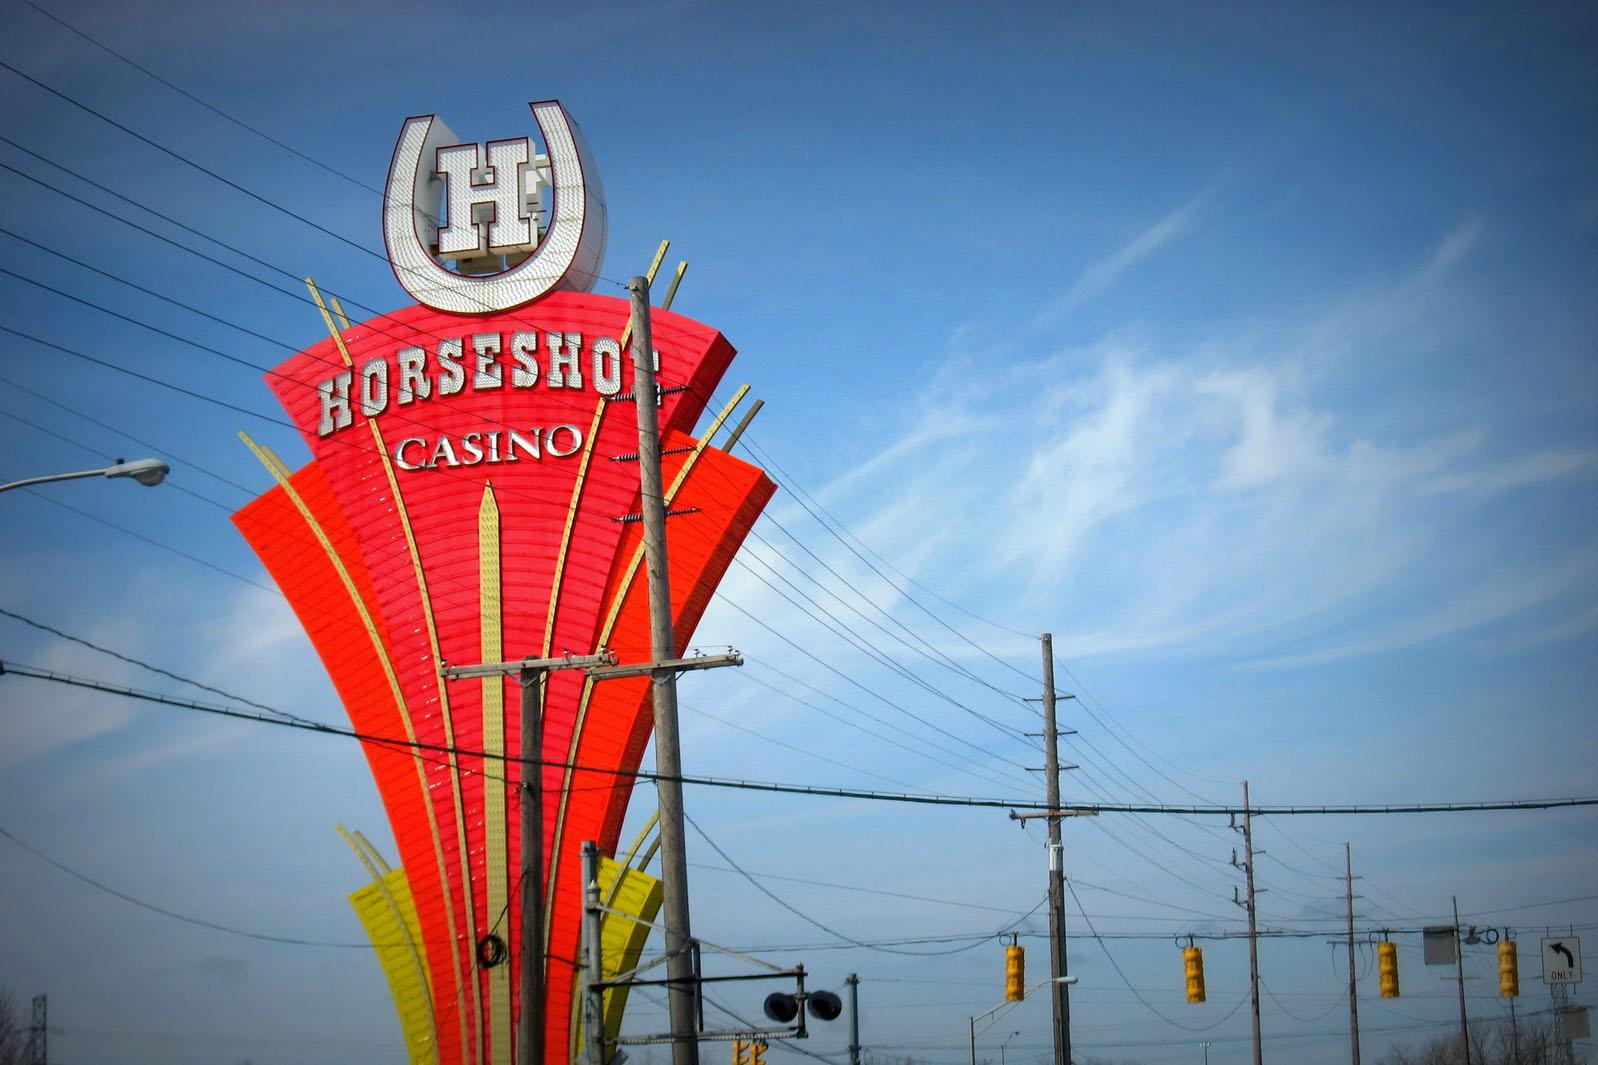 (Photo: Horseshoe Casino)